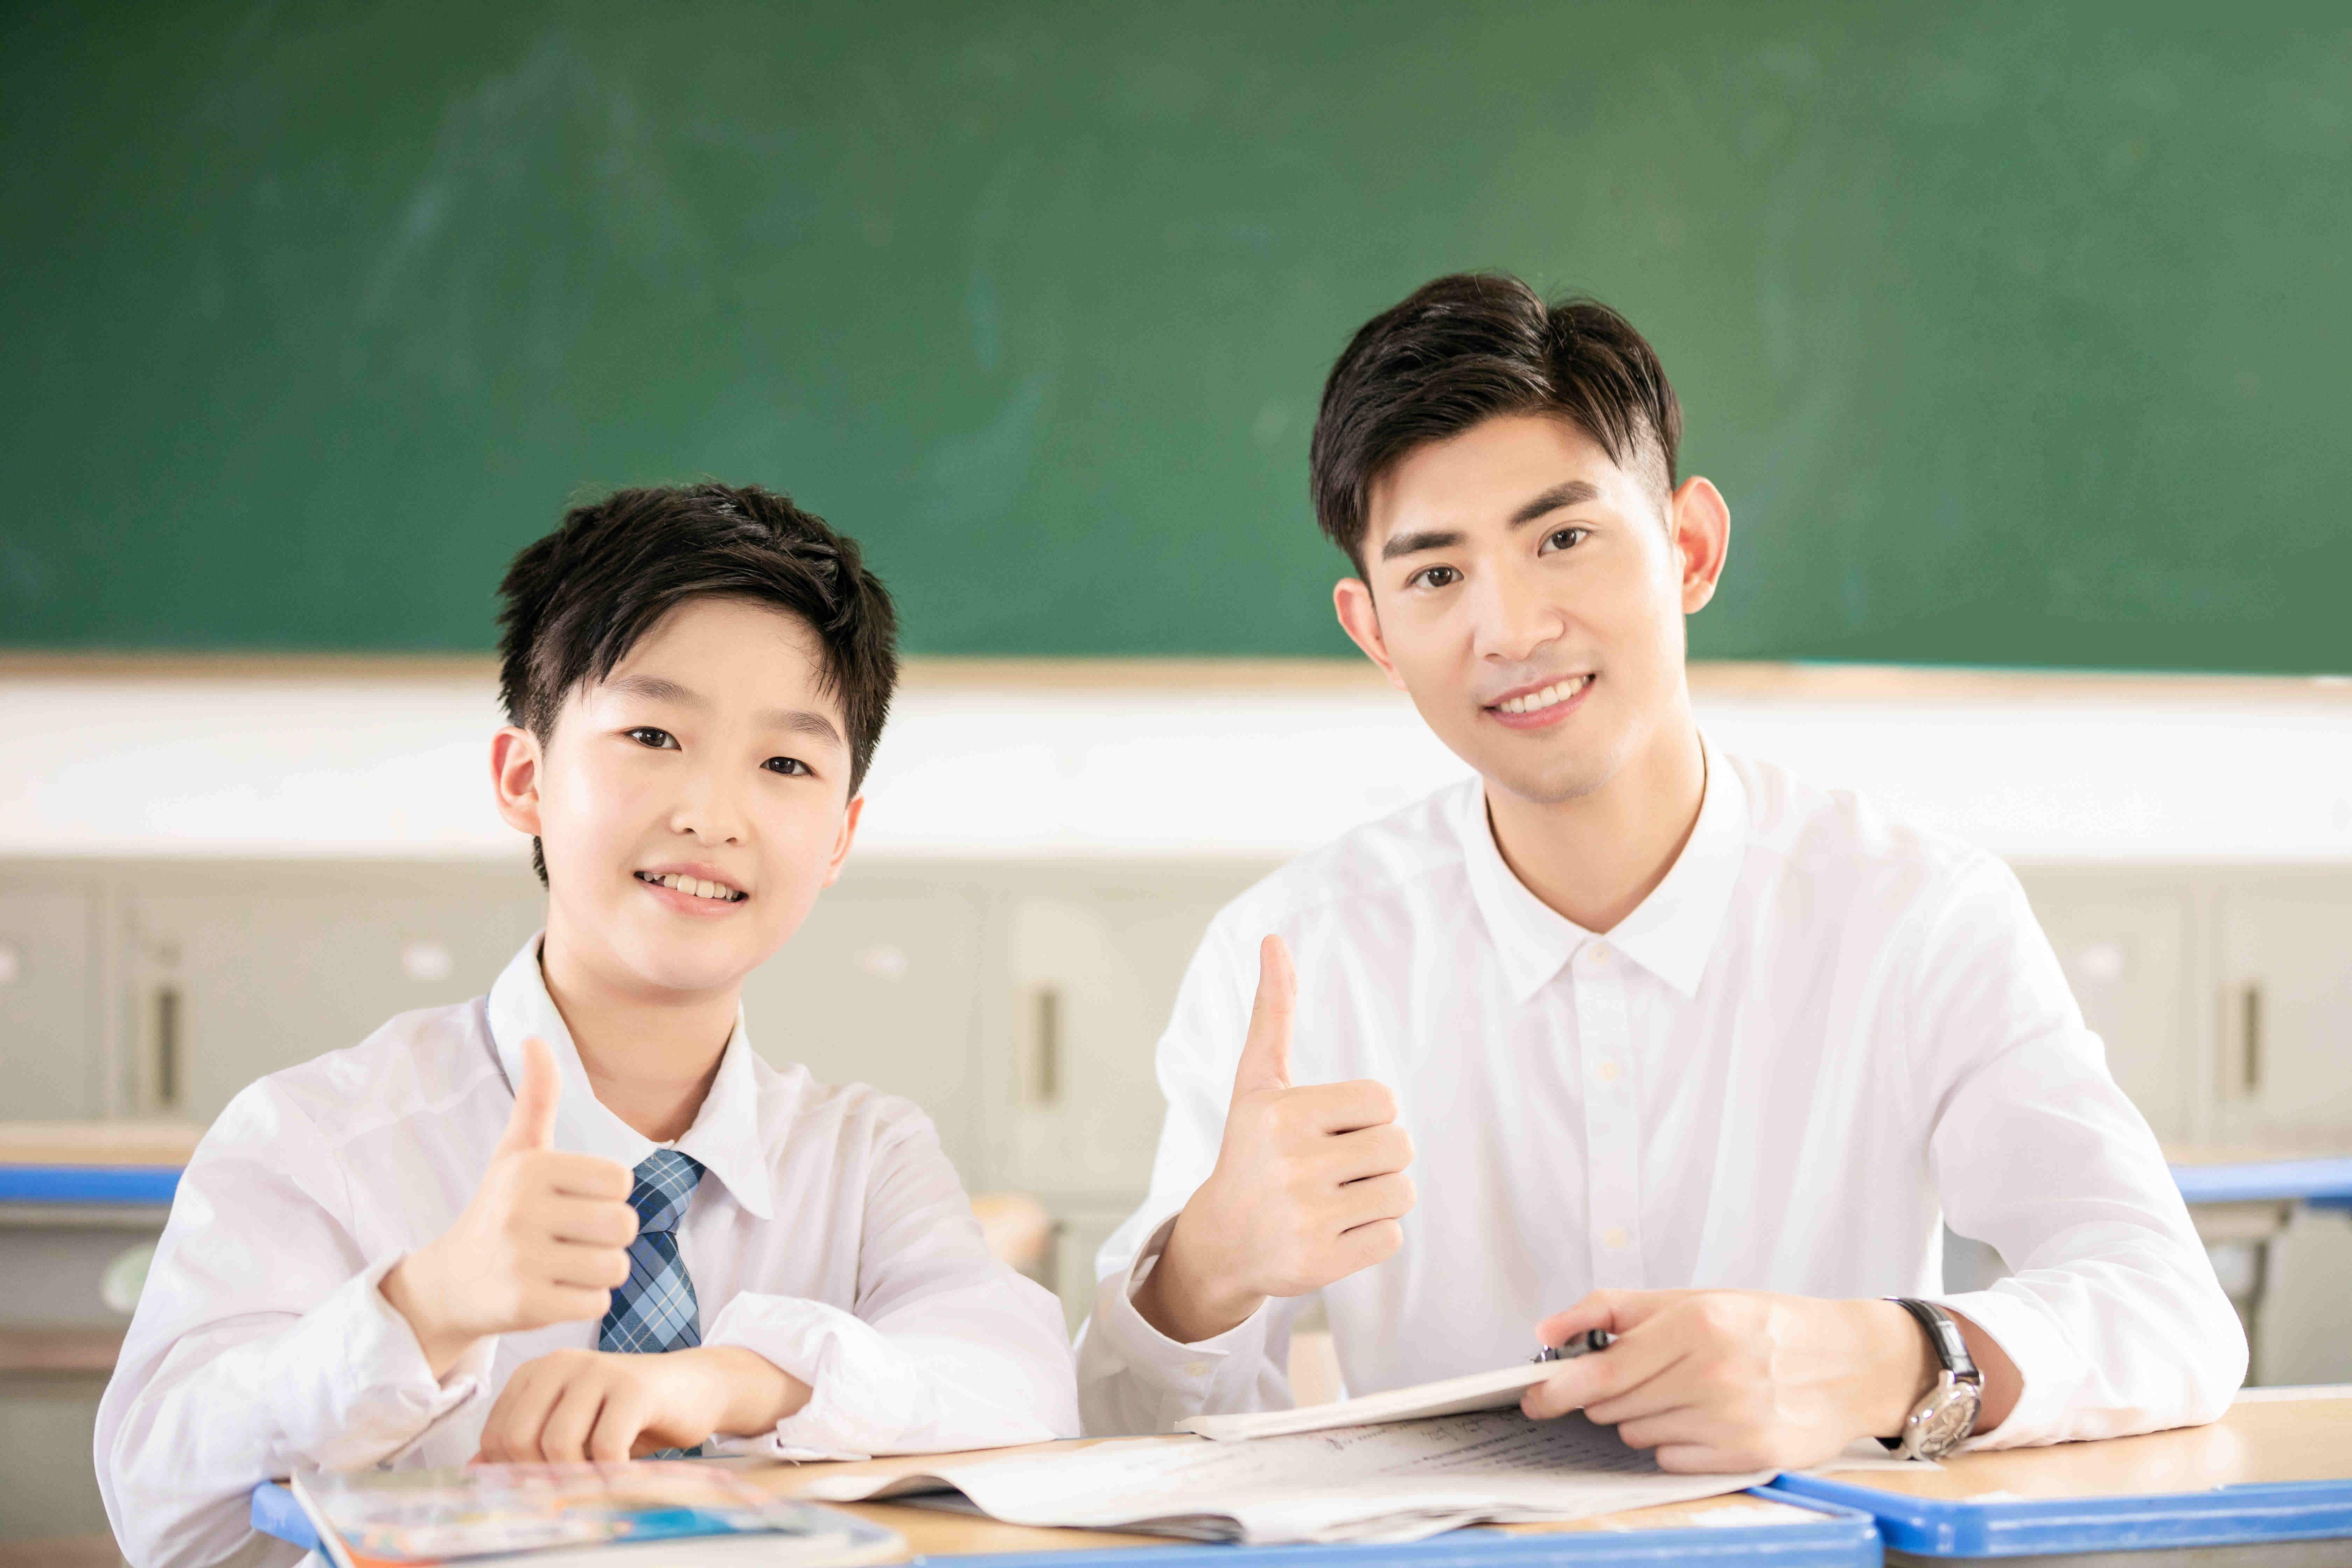 初中数学怎么才能考高分?初中数学解题方法总结给你参考!